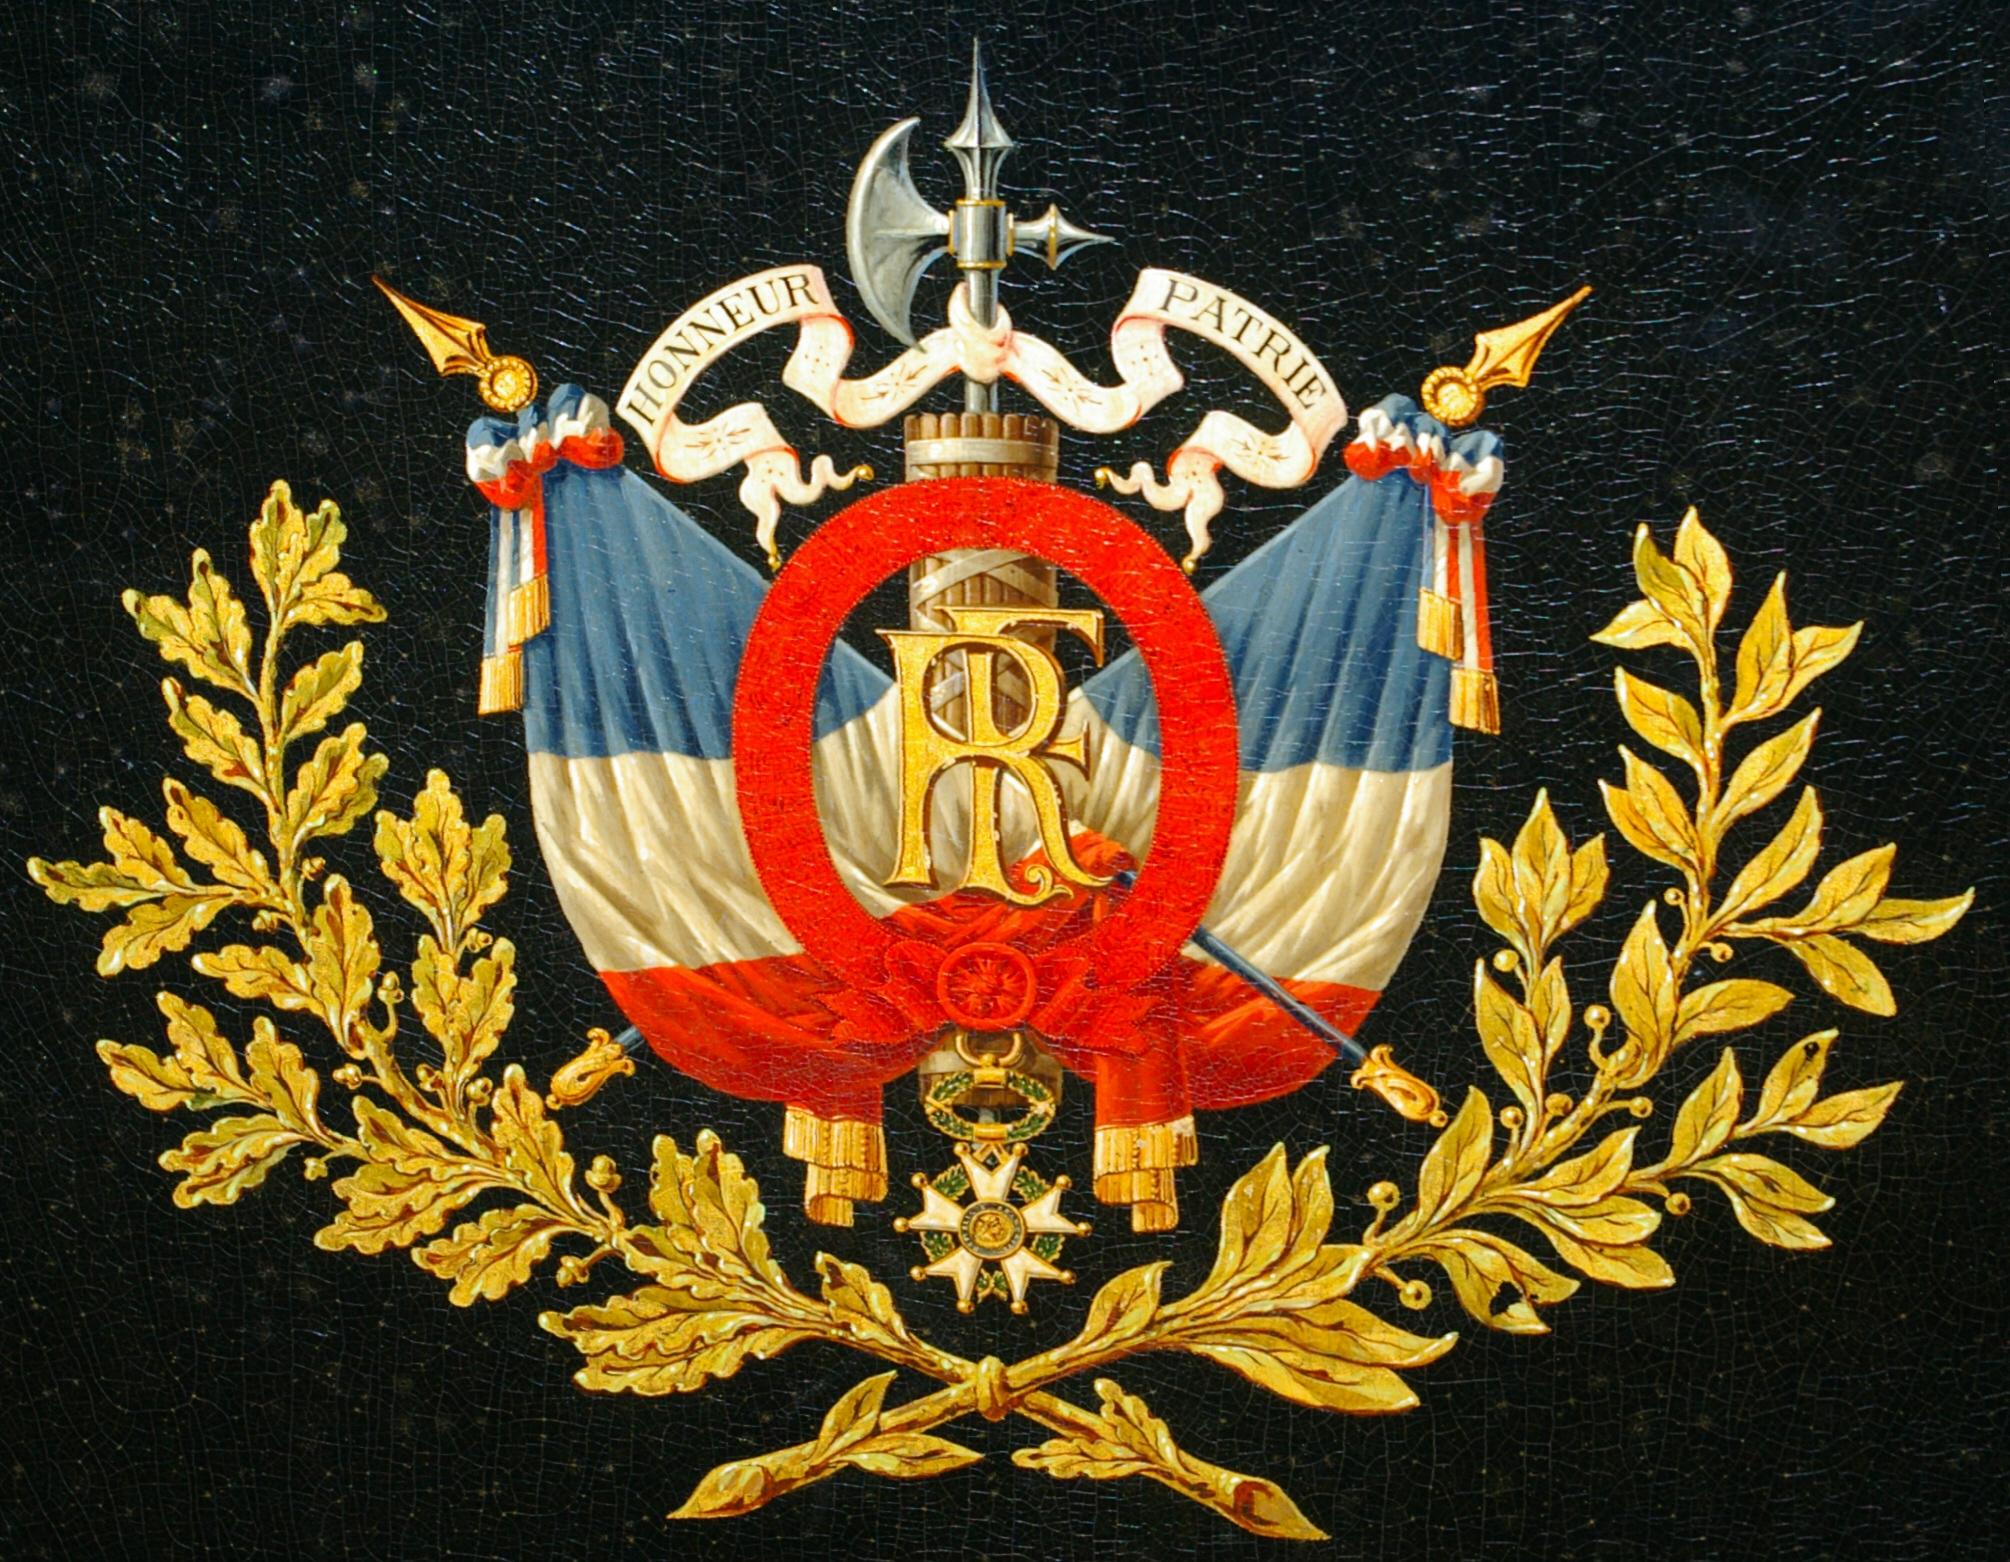 Democratie France Suisse